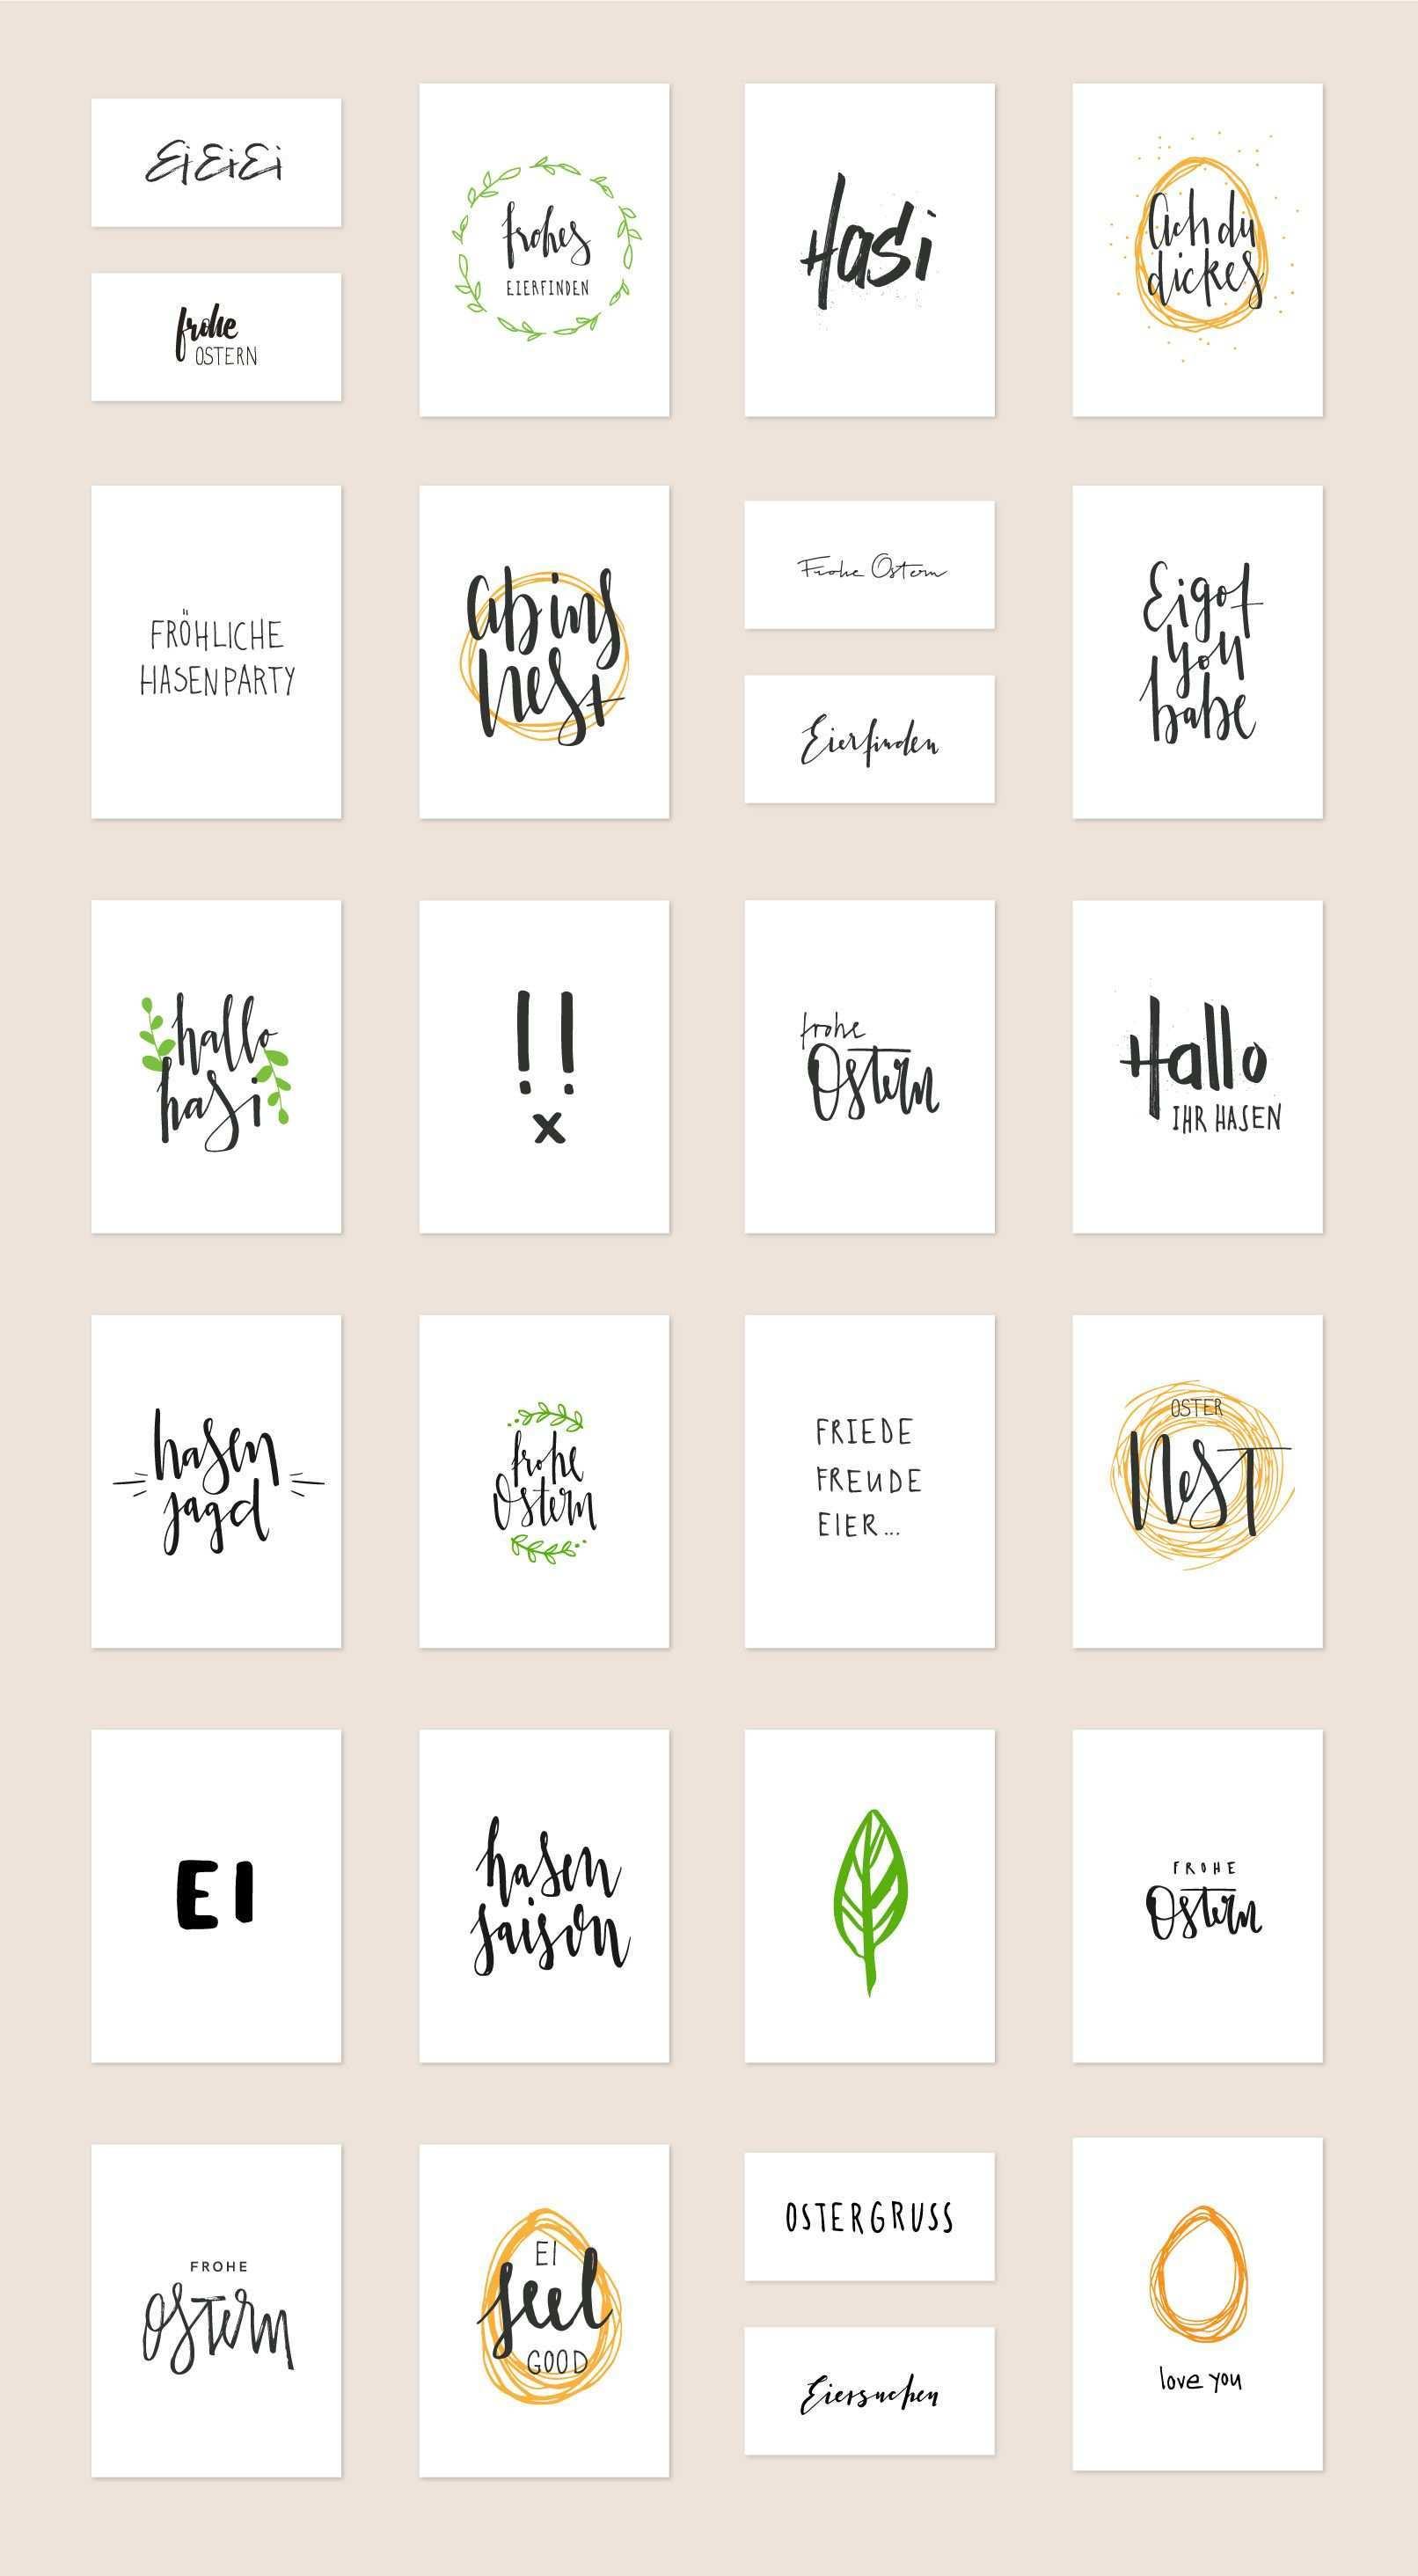 Fruhlingsfrische Handlettering Vorlagen Fur Frohe Ostern Download Frohe Ostern Karten Basteln Ostern Ostern Zeichnung